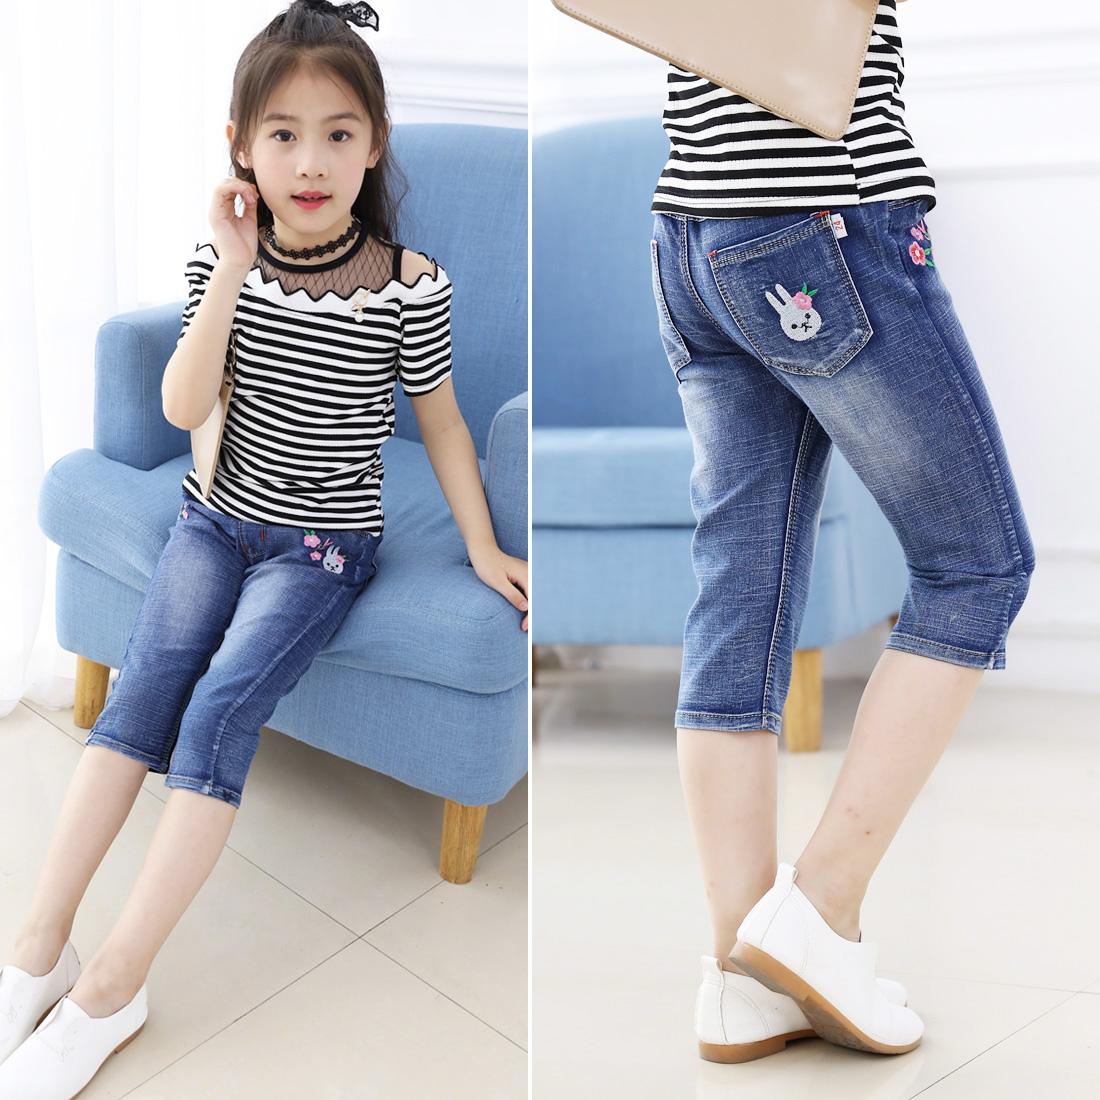 Cô gái quần short 2018 trẻ em mới của mùa hè phụ nữ quần phần mỏng quần áo trẻ em jeans nữ quần bé cắt quần